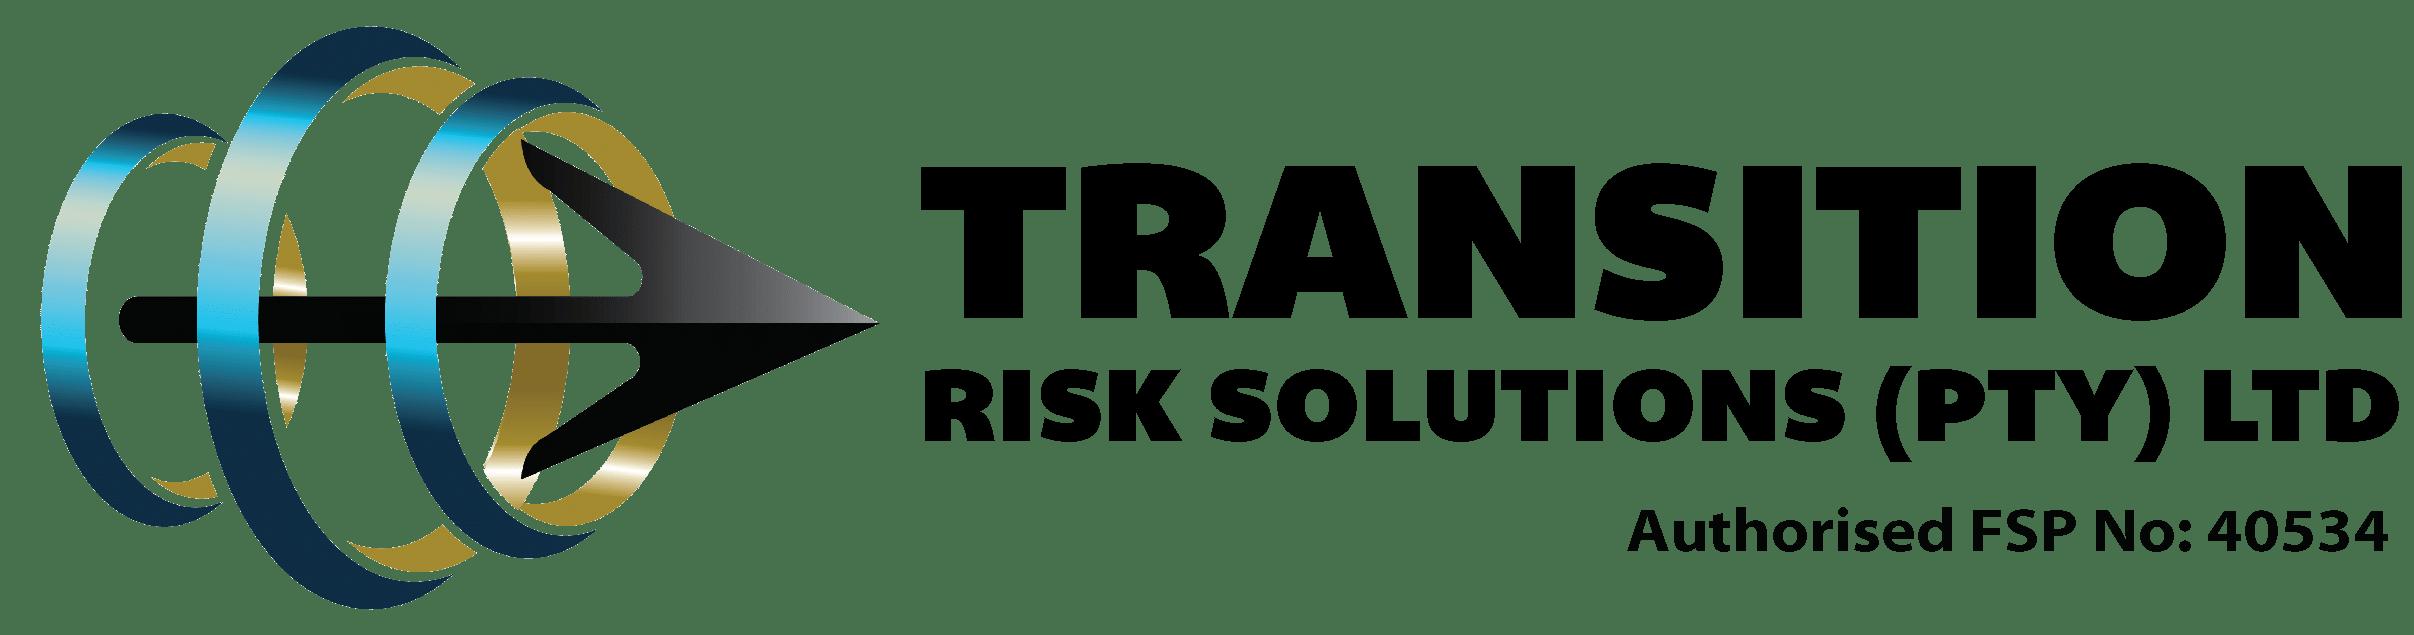 Transition Risk Solutions